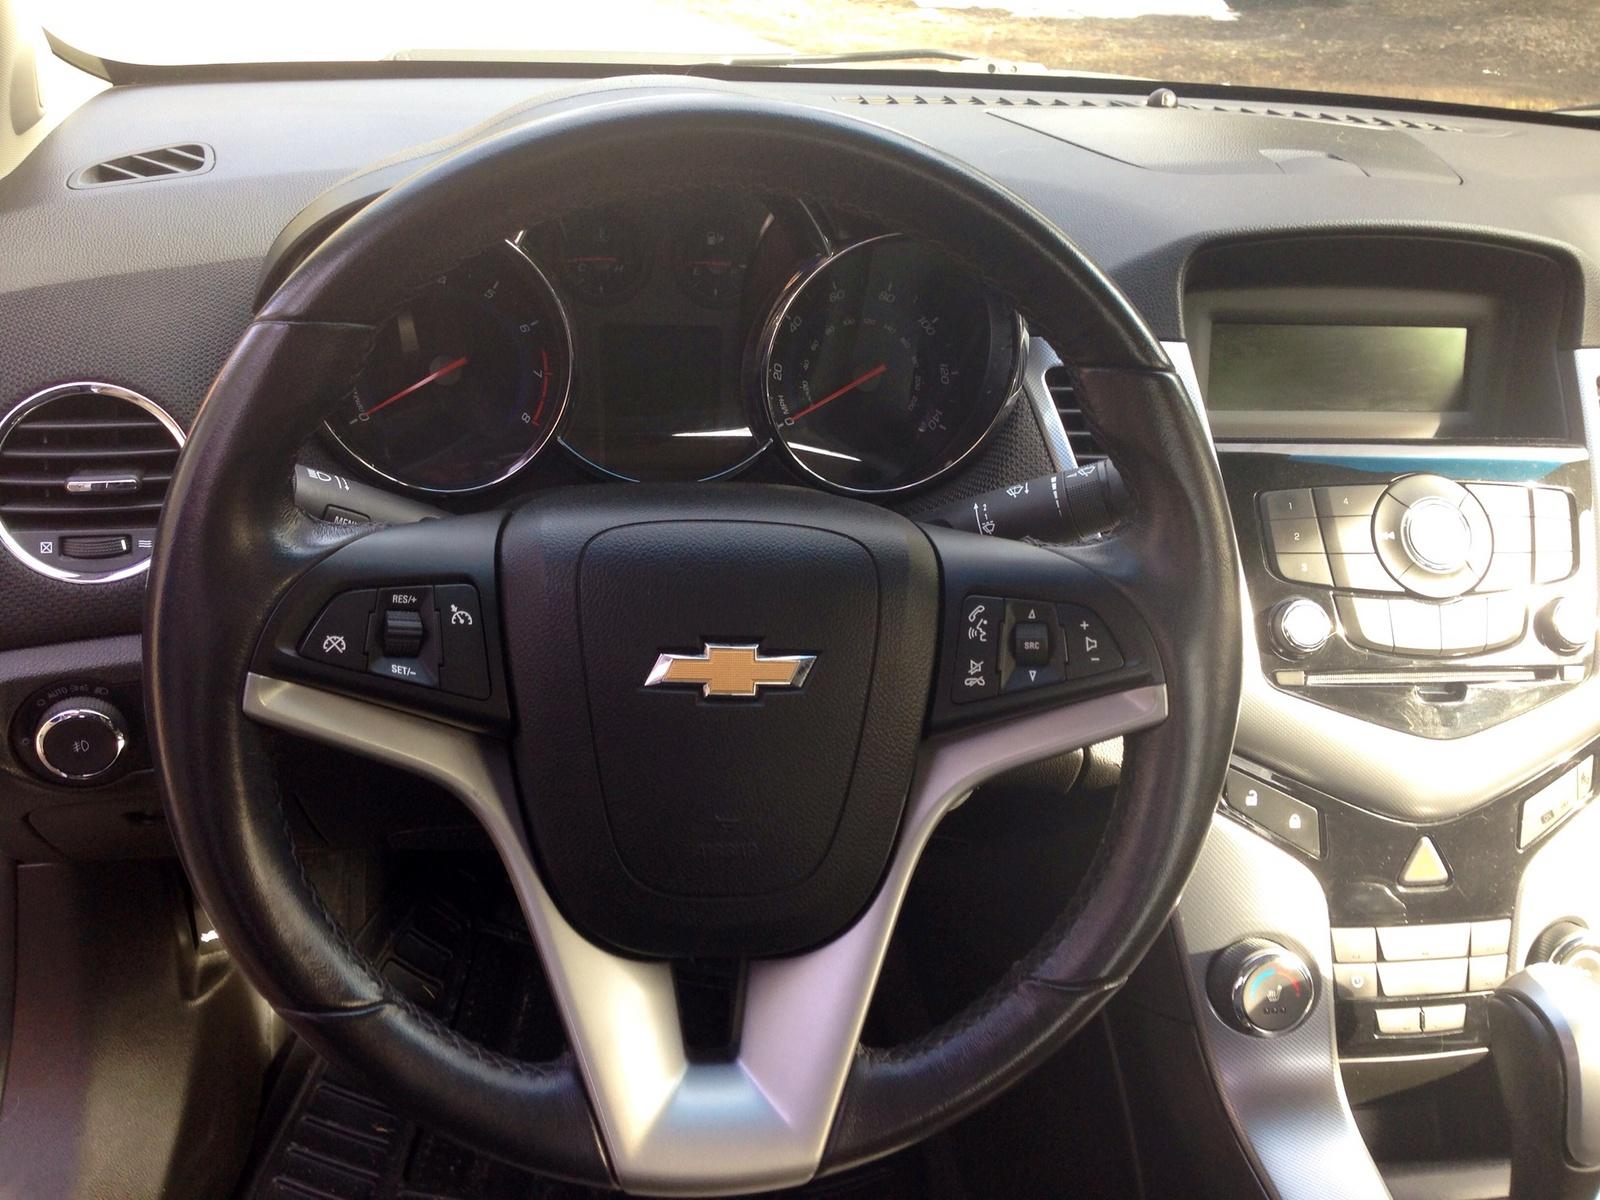 2011 Chevrolet Cruze Pictures Cargurus